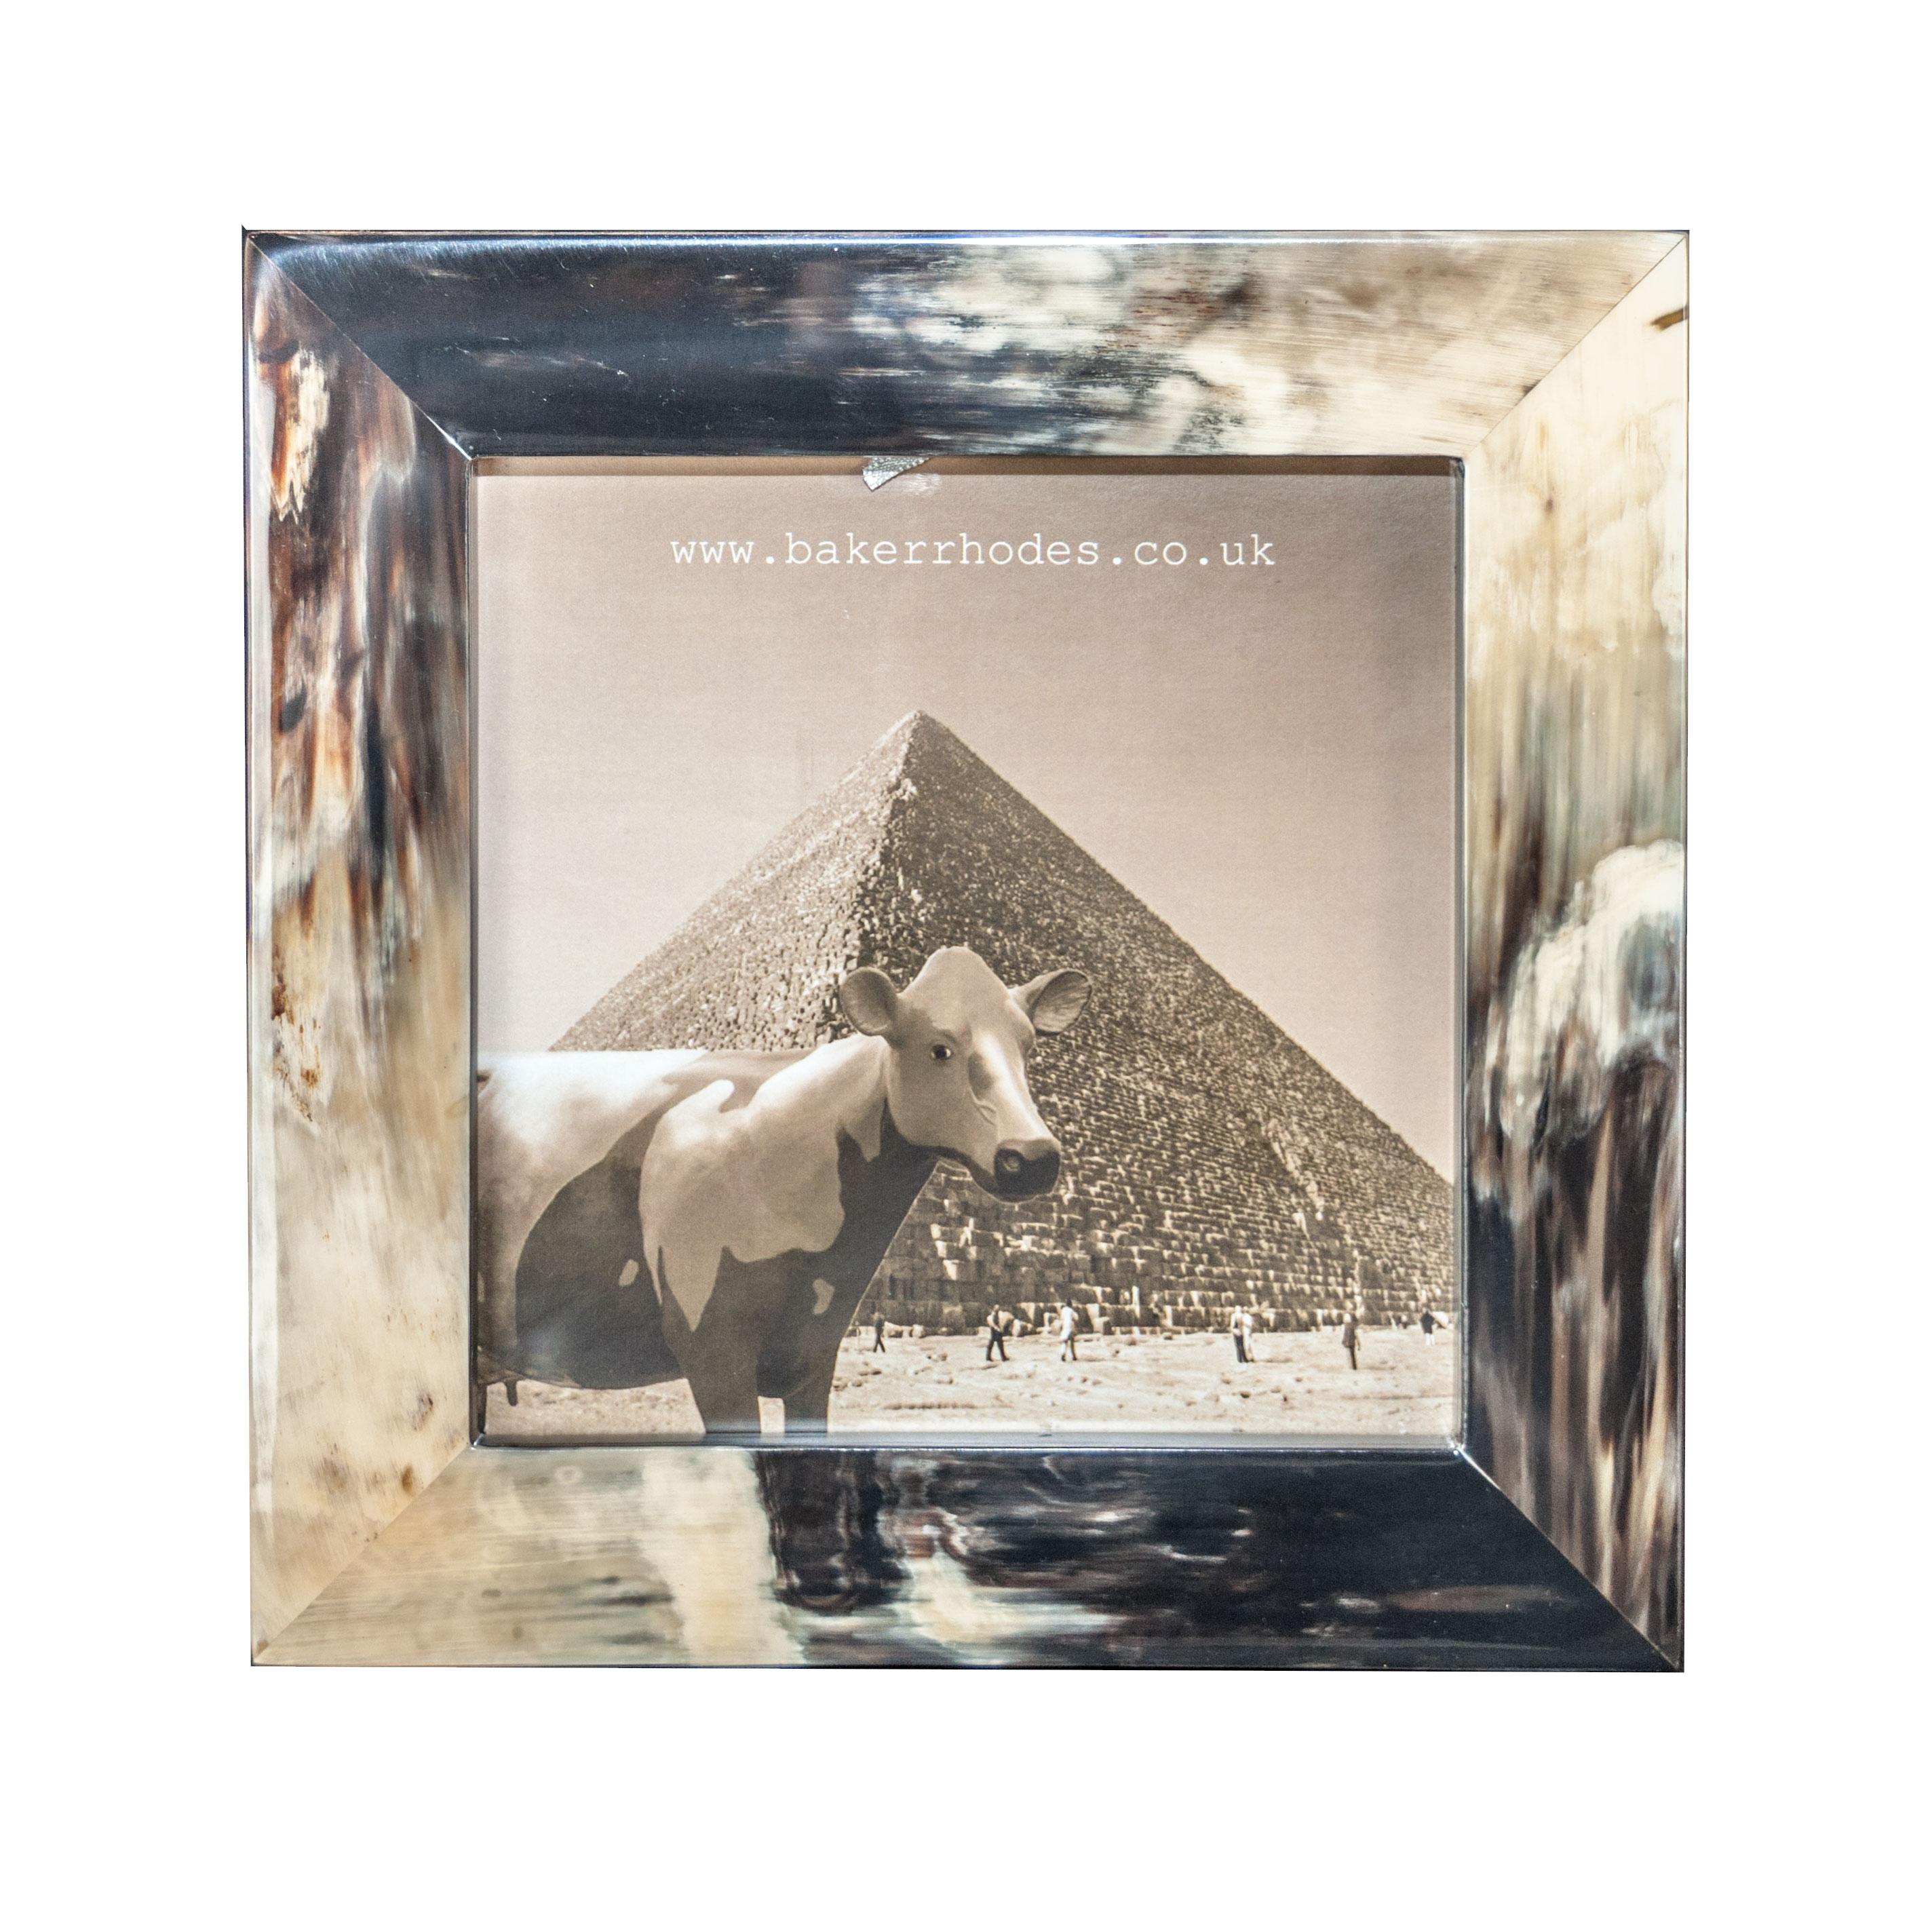 Handmade Square Flamed Horn Picture Frame 7×7 | Baker Rhodes